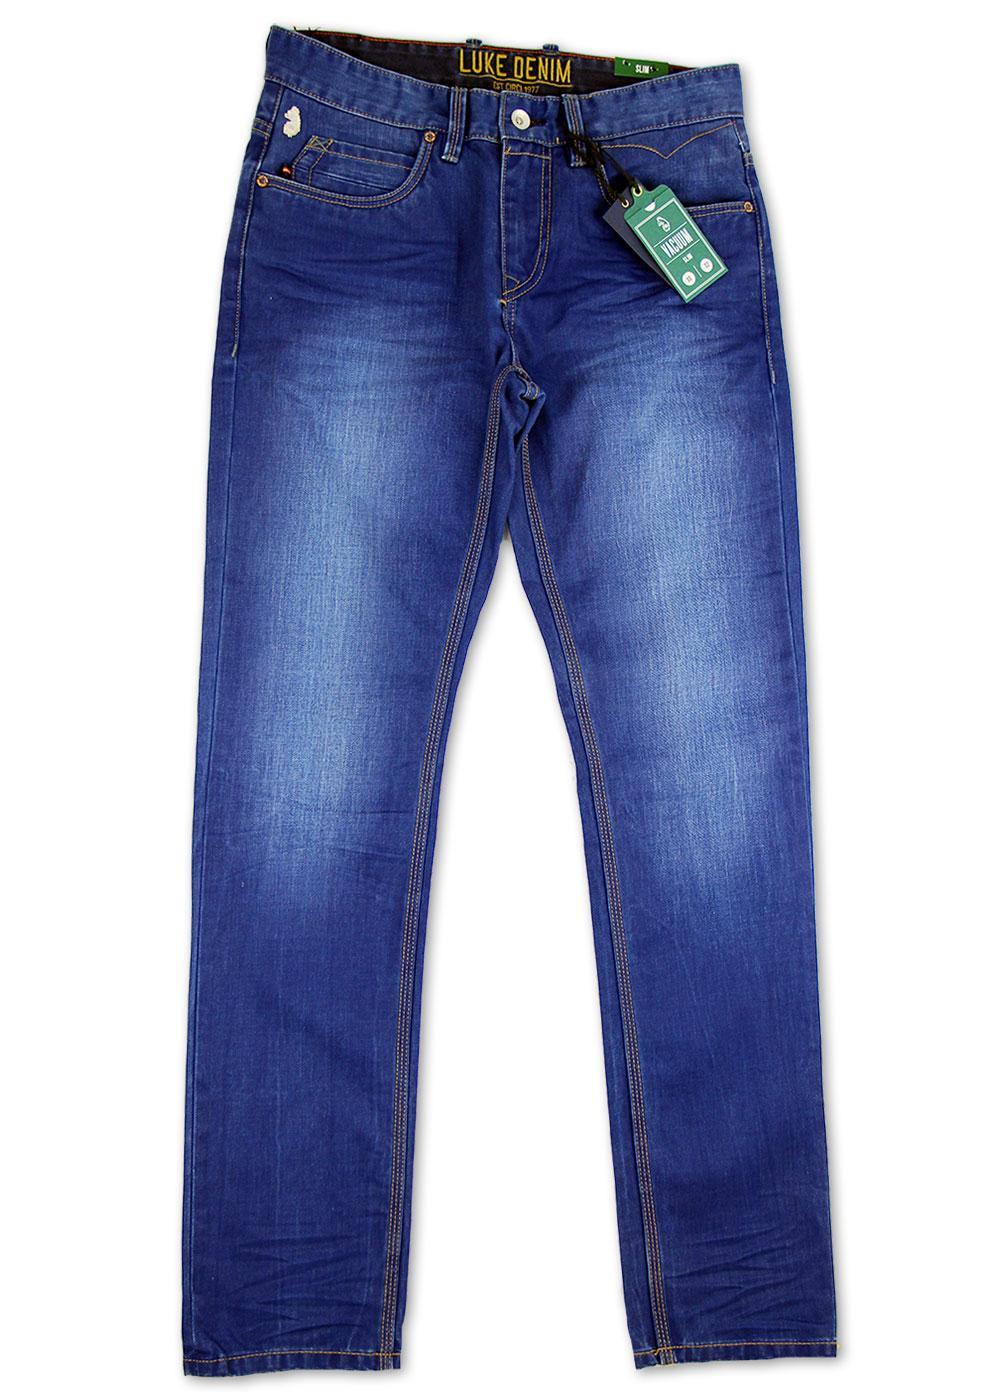 996c94c8 LUKE 1977 Vacuum Retro Mod Skinny Fit Denim Drainpipe Jeans Jovi